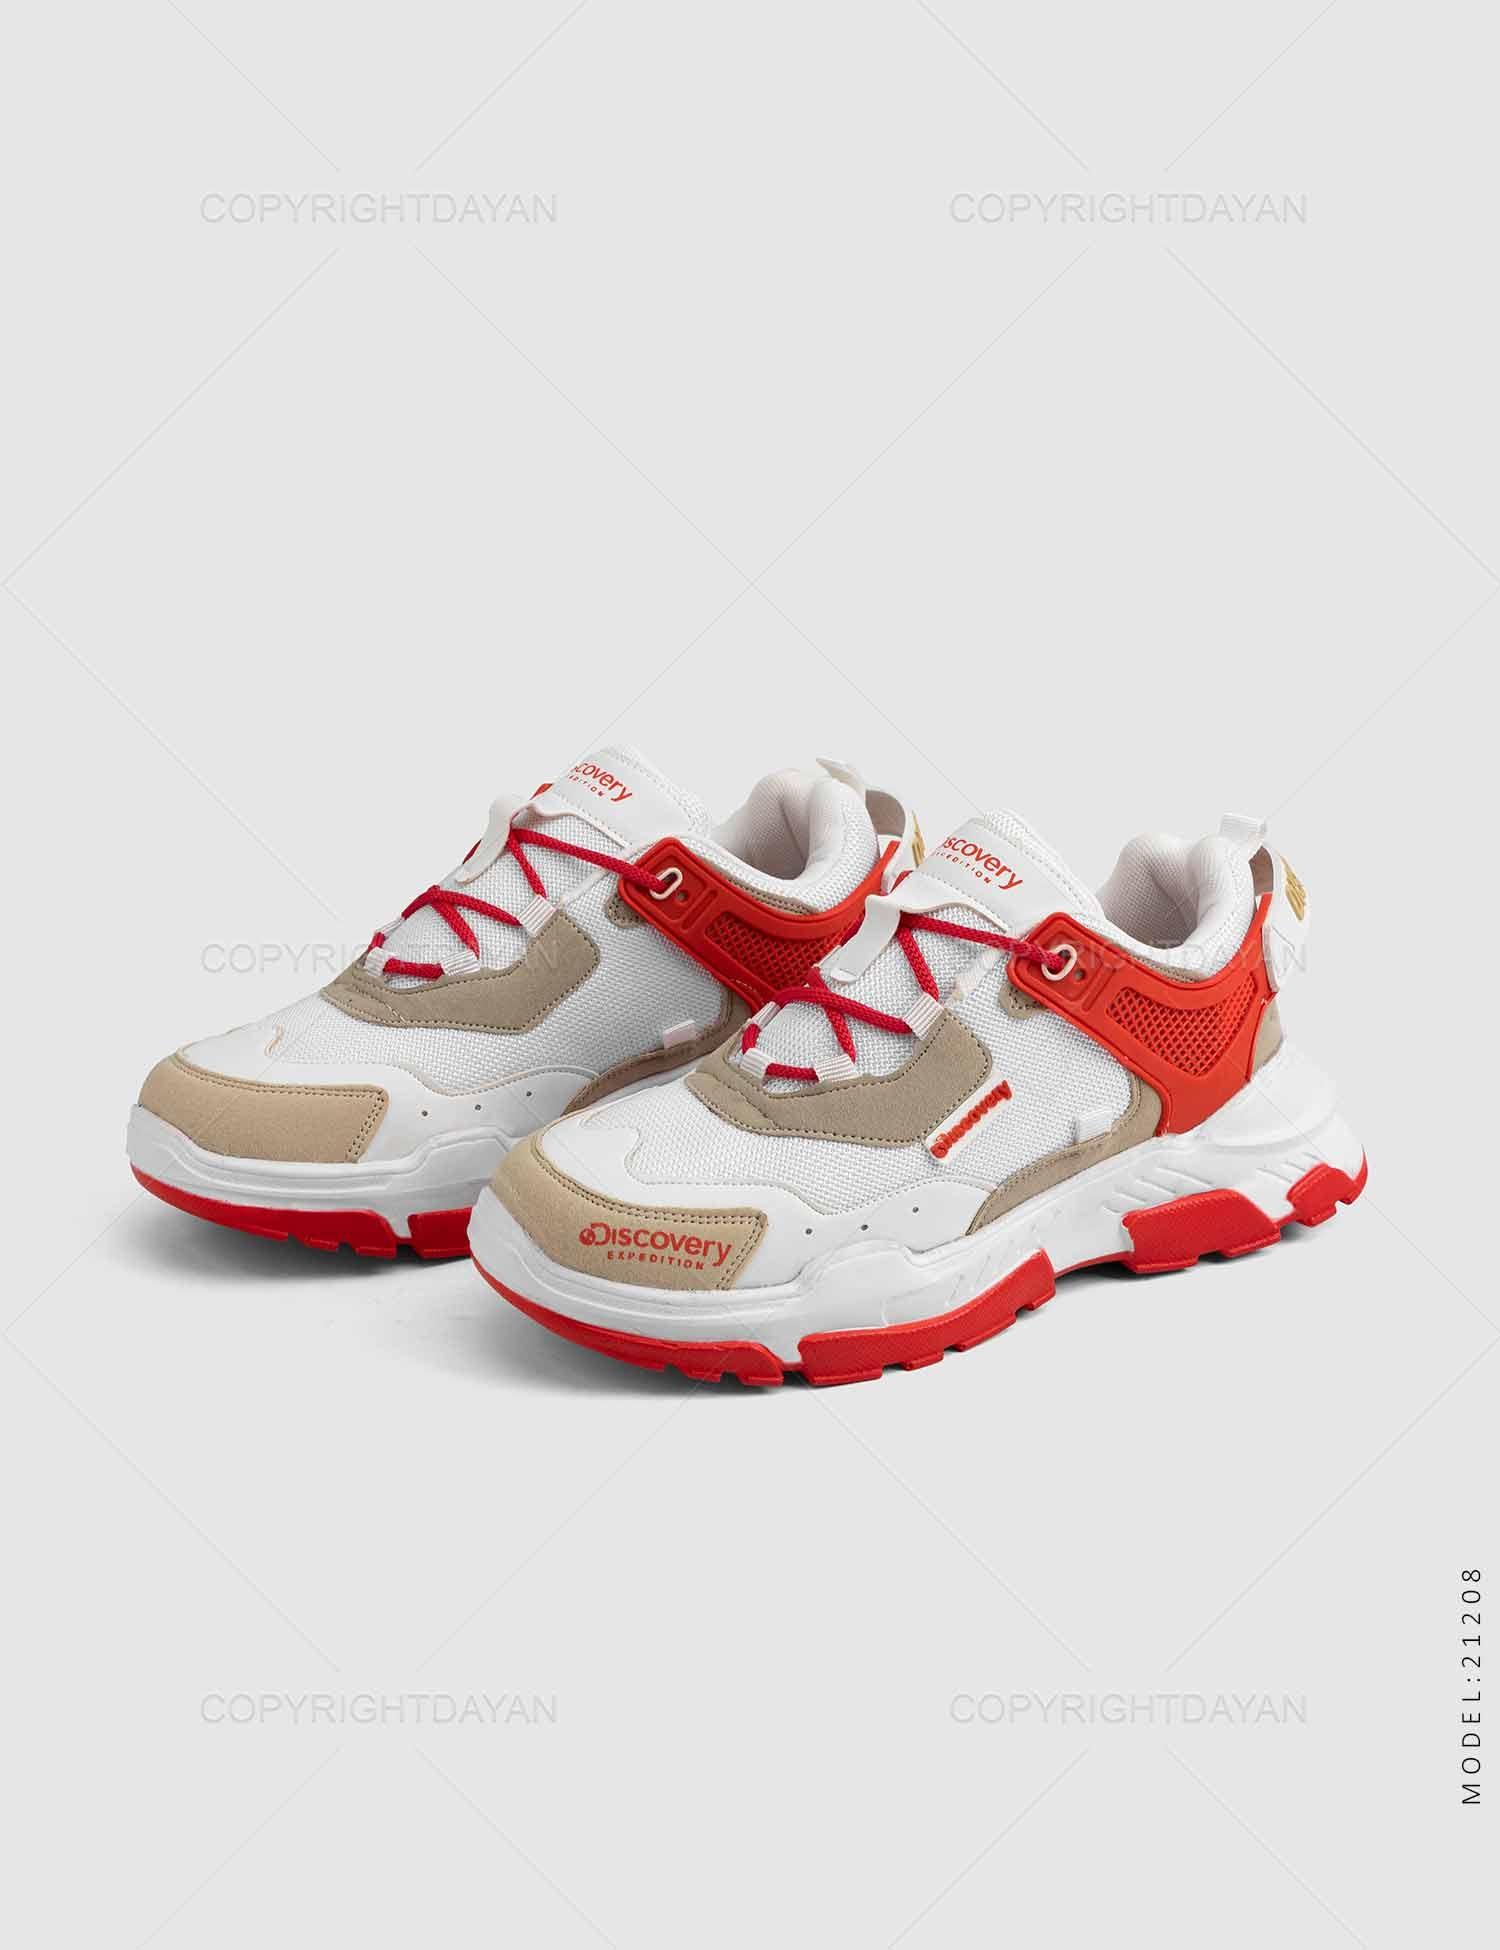 کفش ورزشی مردانه Deniz مدل 21208